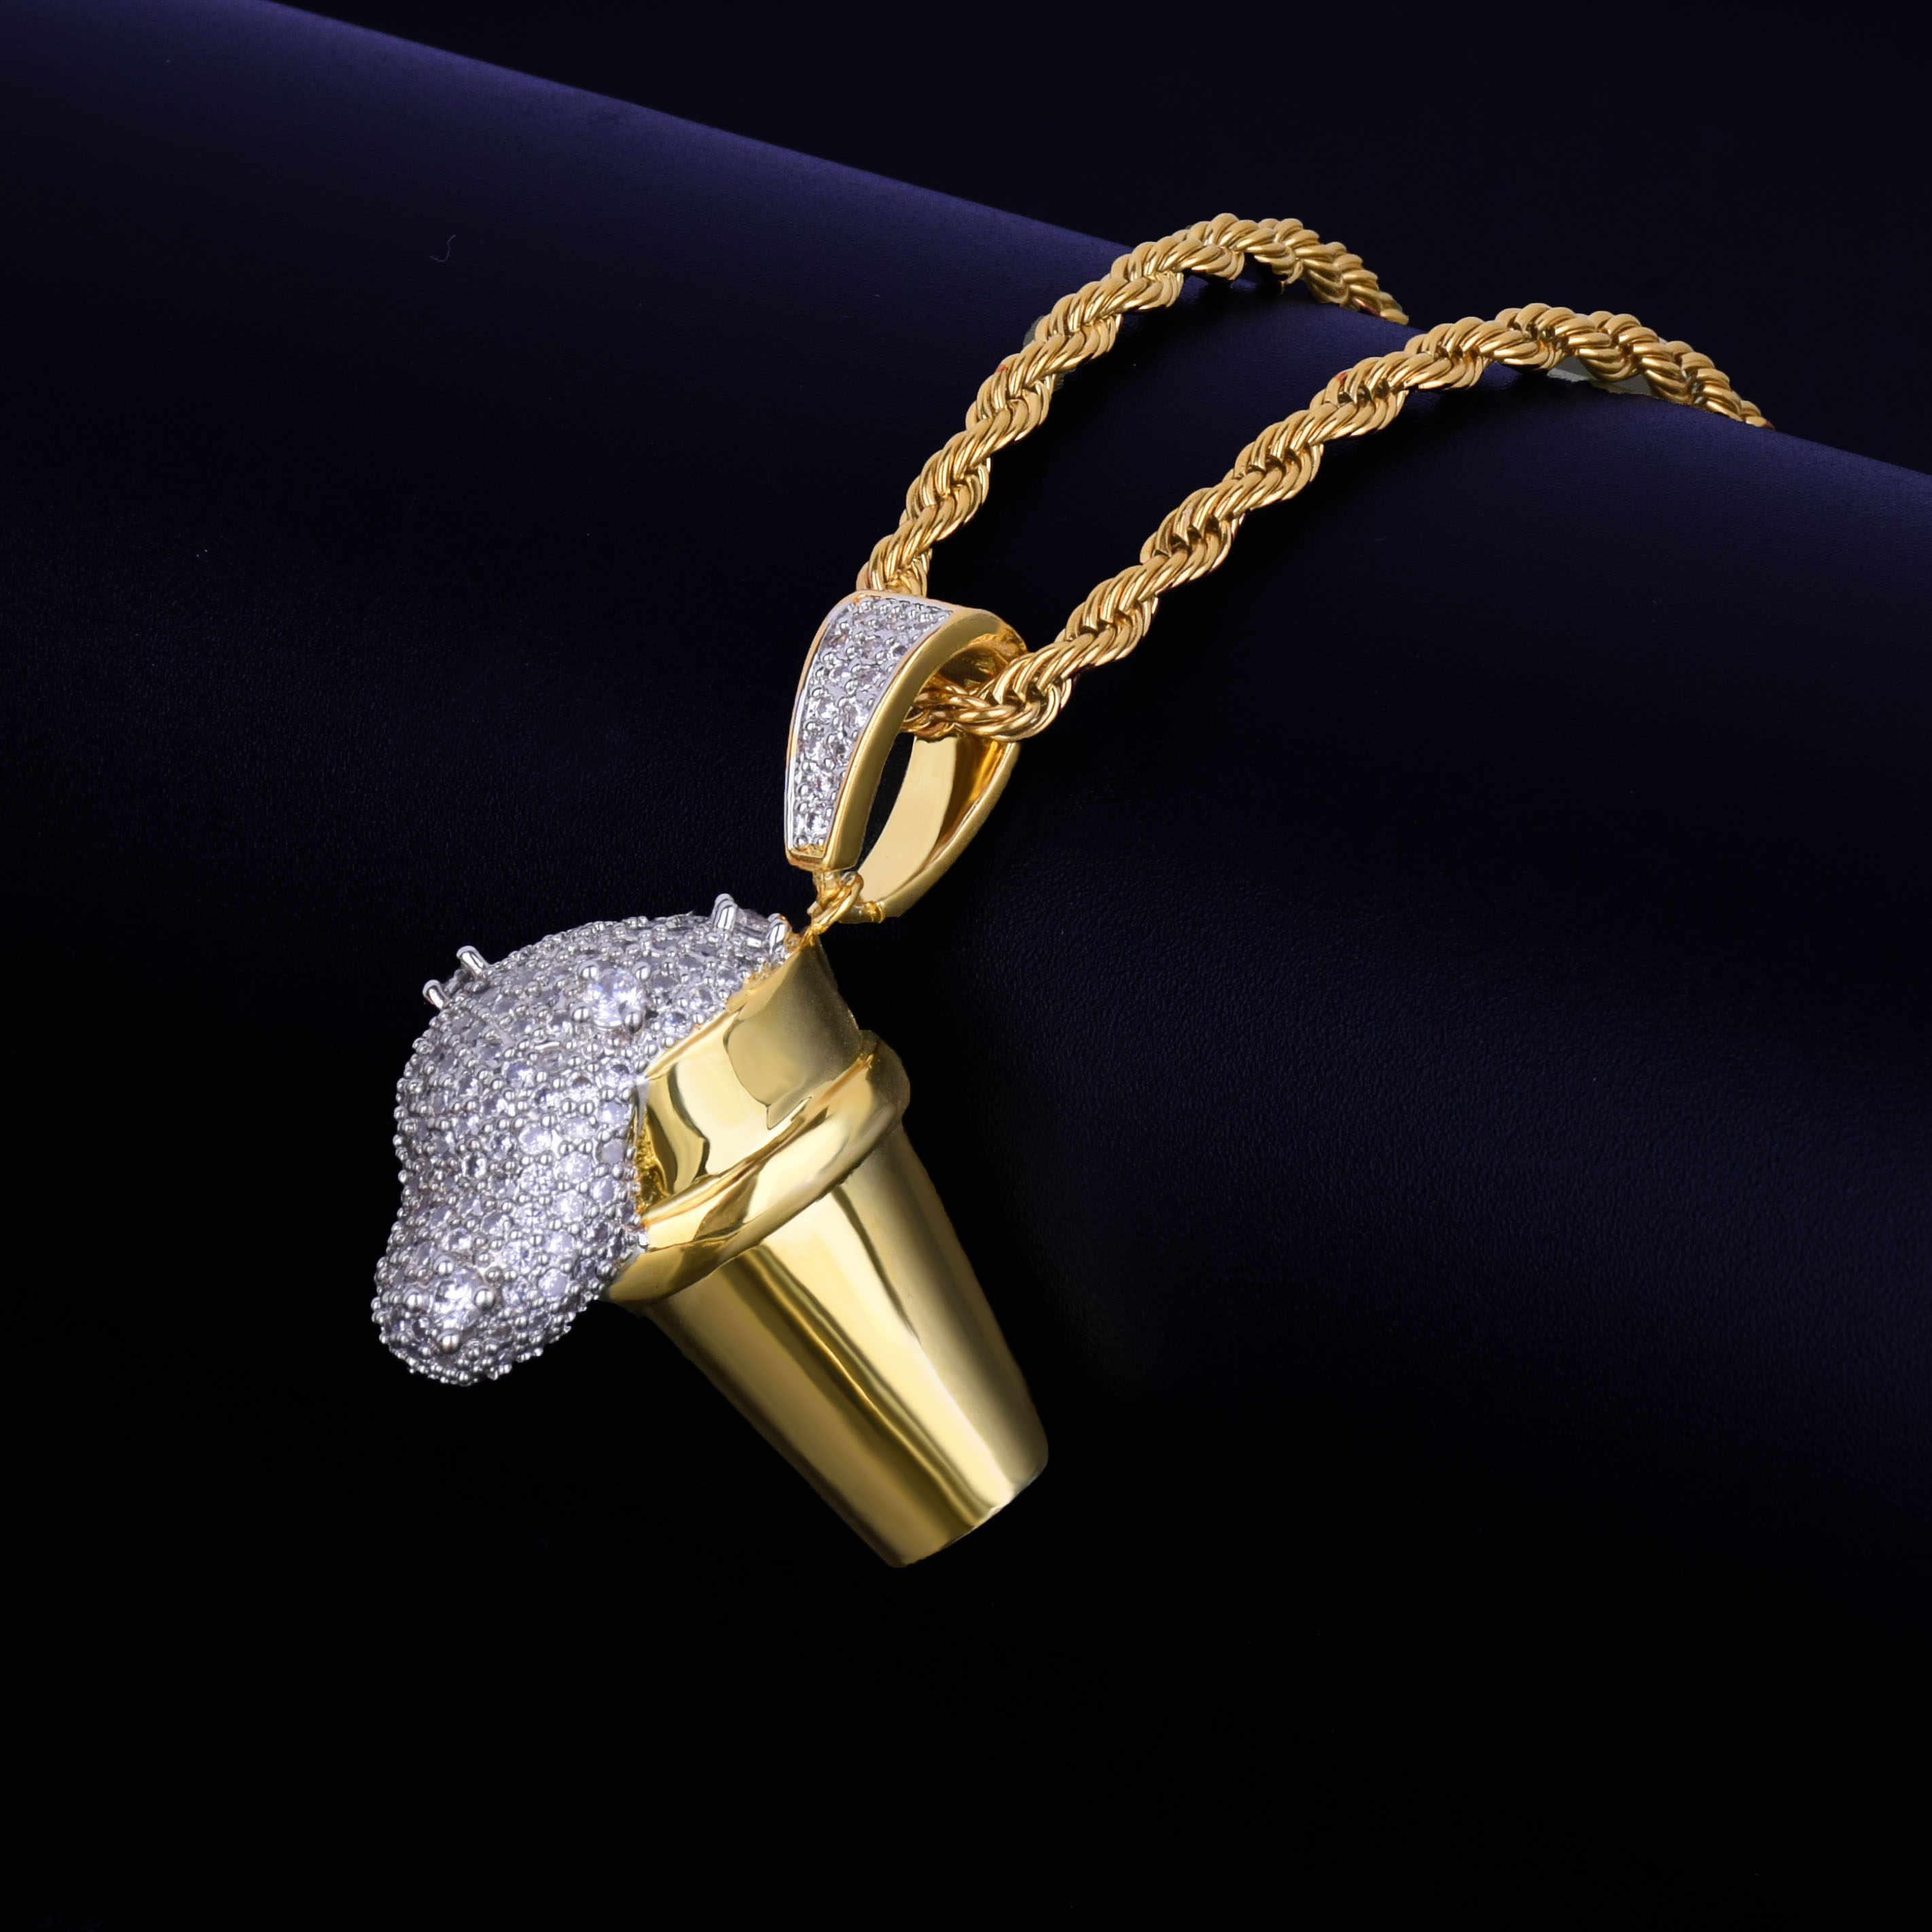 Lean złoty puchar pili Iced wisiorek naszyjnik męski bezpłatny łańcuch stalowa lina złoty kolor srebrny Cubic cyrkon Hip hop biżuteria na prezent